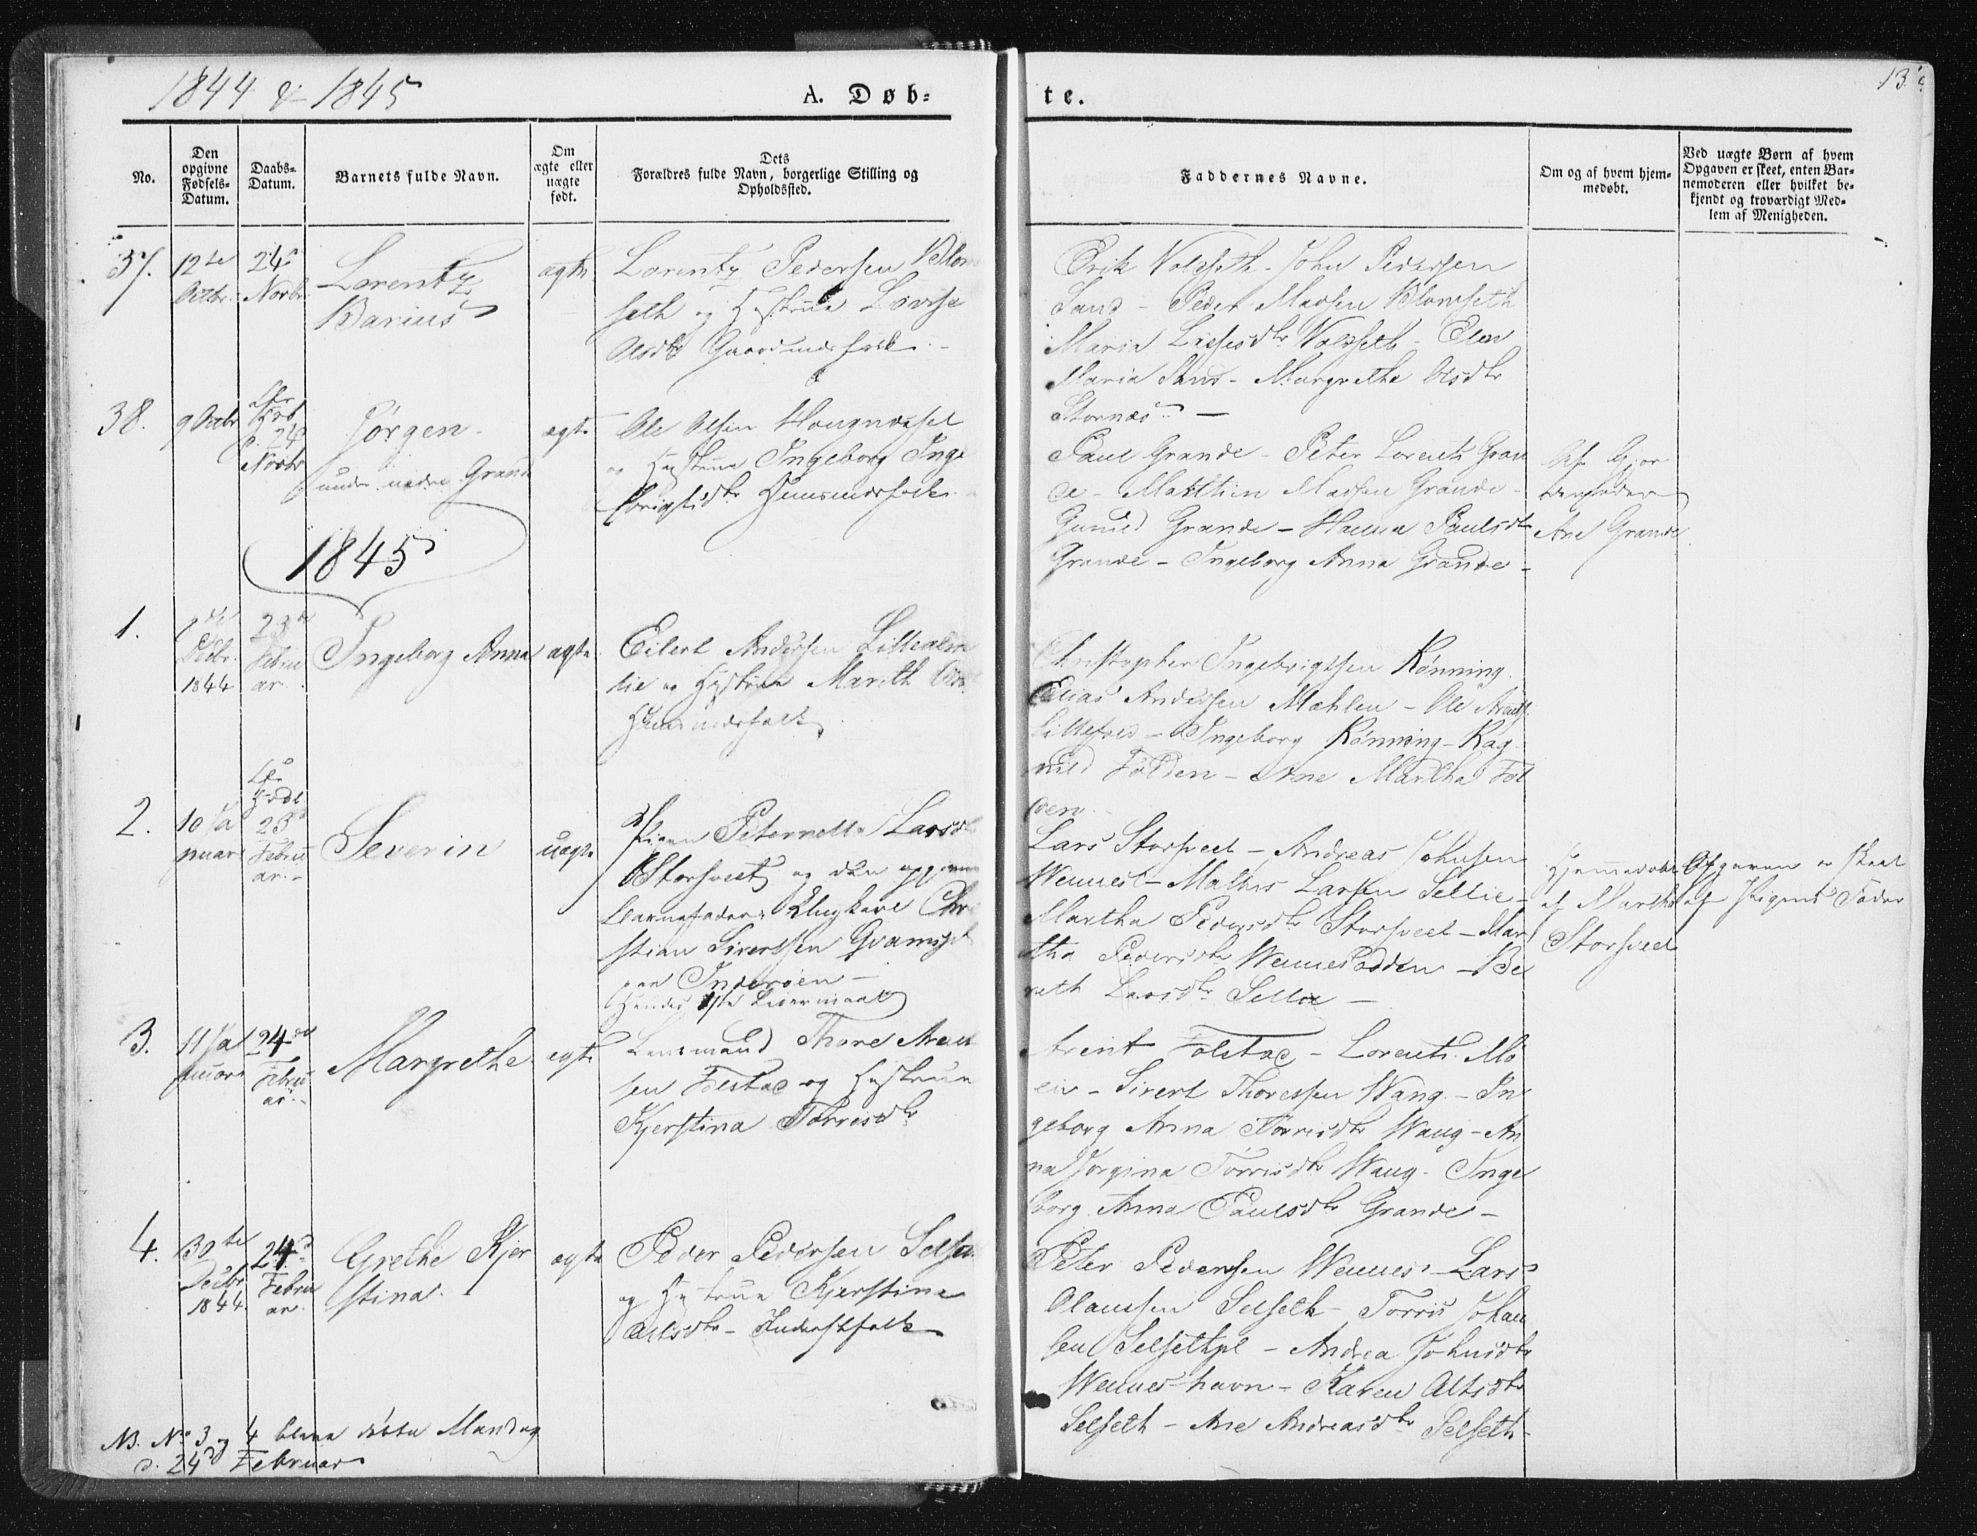 SAT, Ministerialprotokoller, klokkerbøker og fødselsregistre - Nord-Trøndelag, 744/L0418: Ministerialbok nr. 744A02, 1843-1866, s. 13